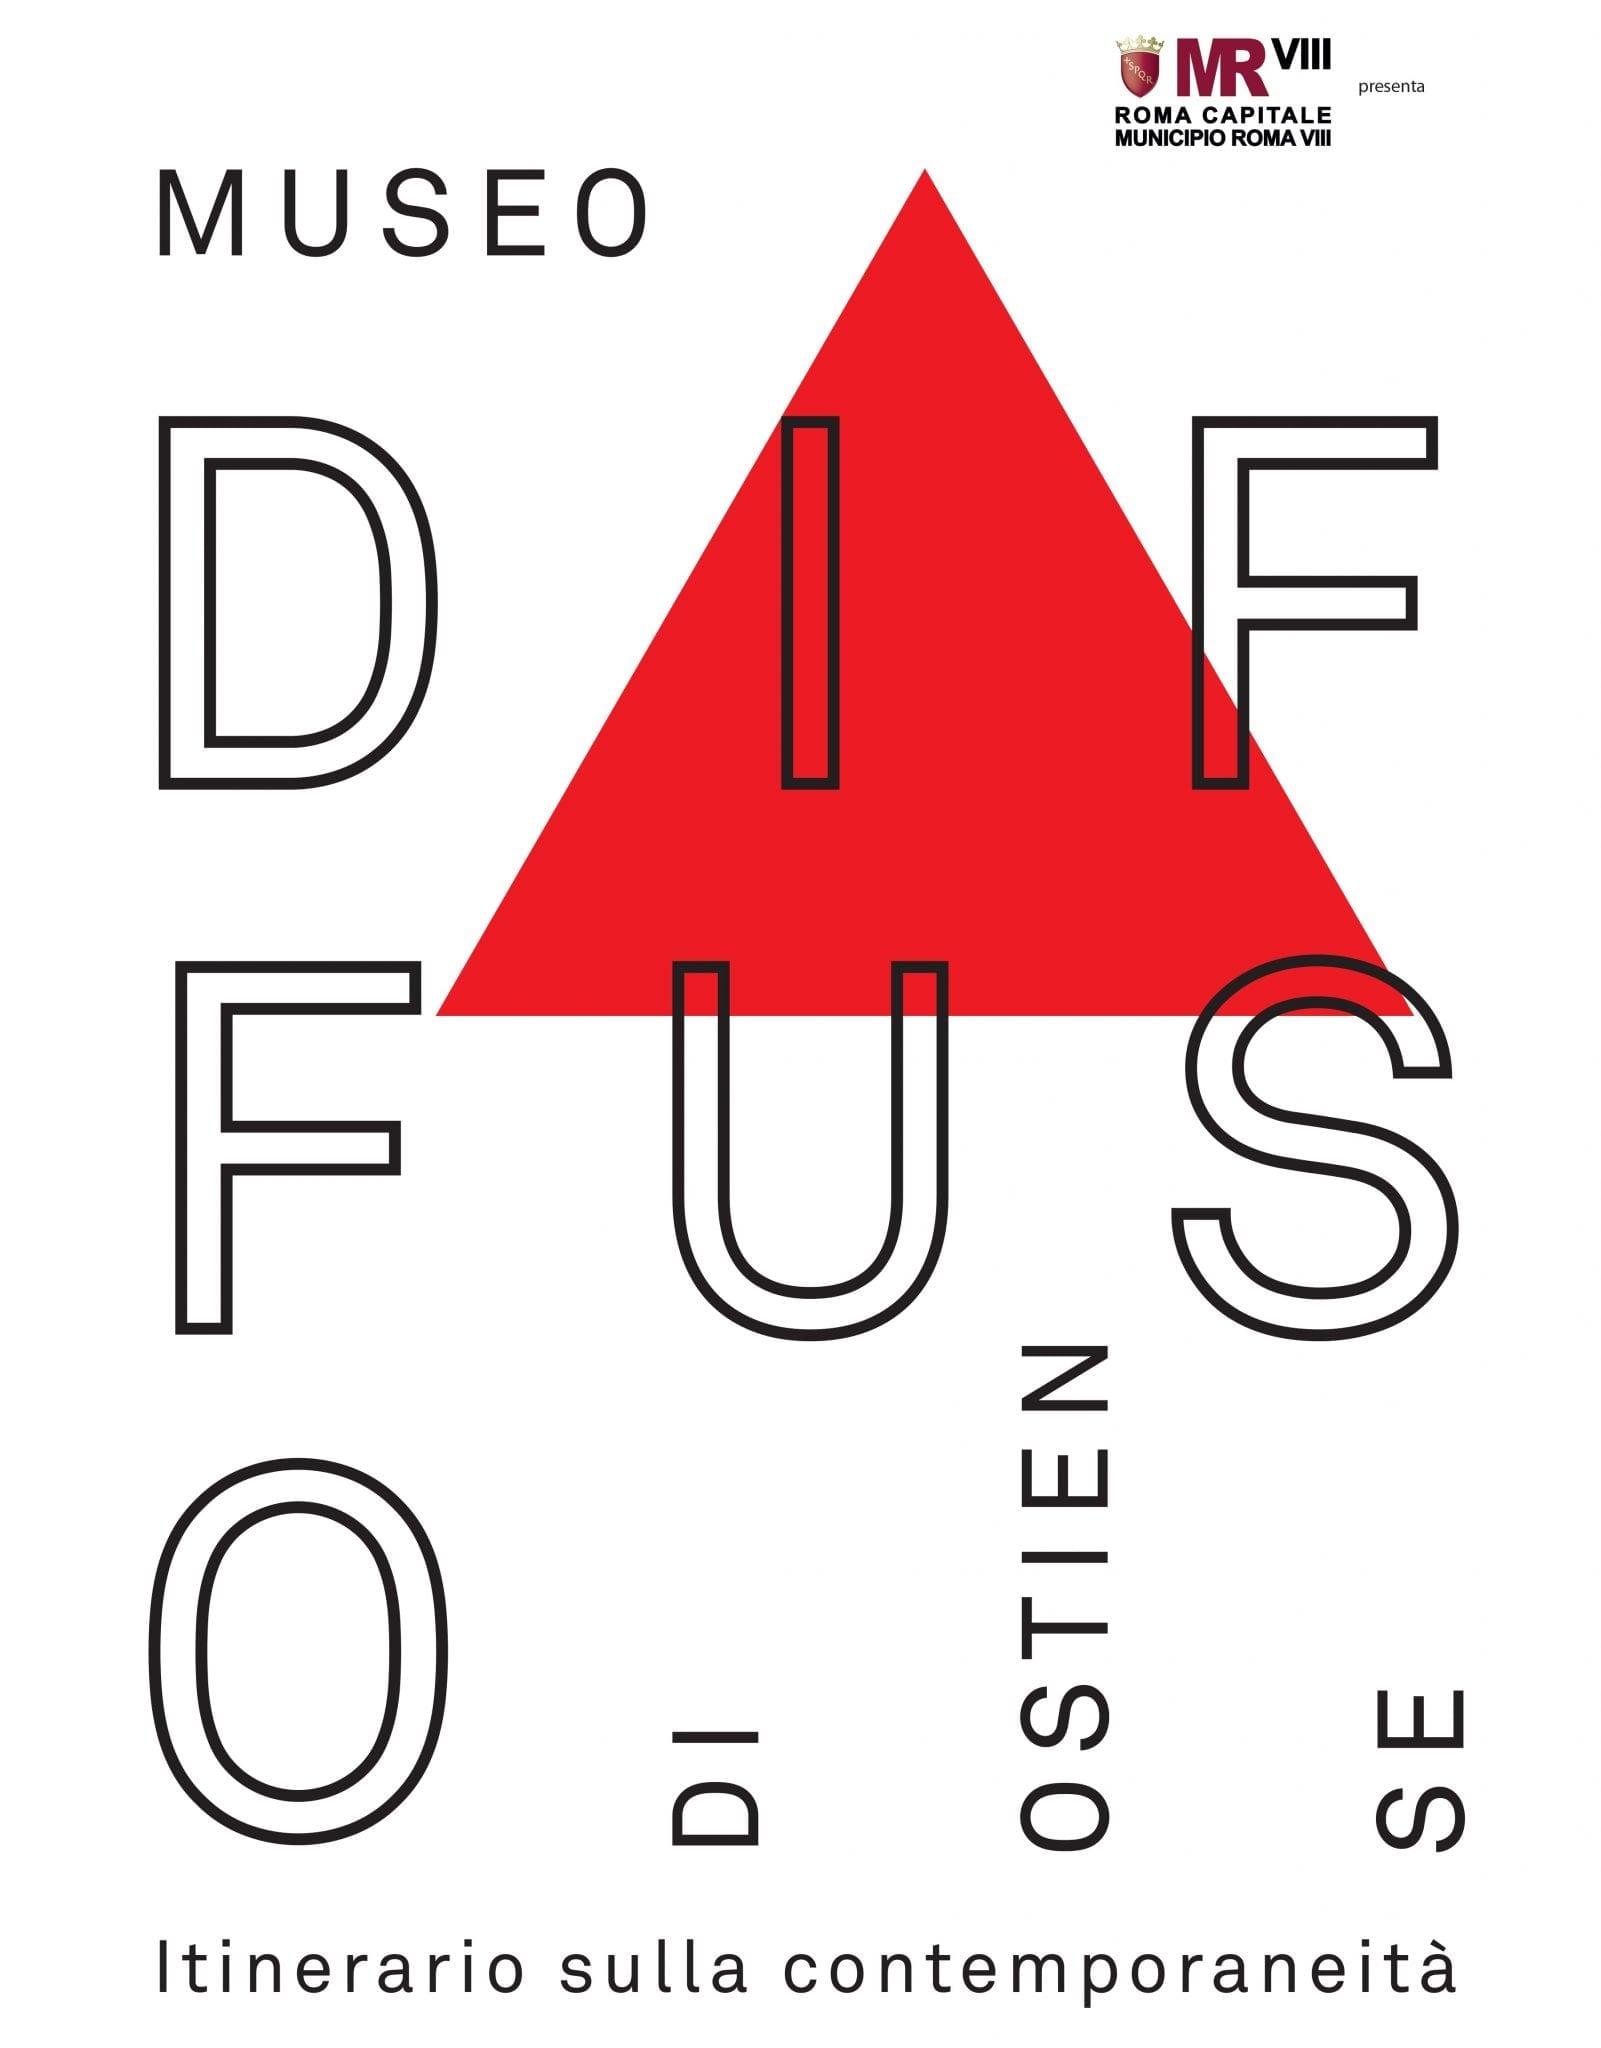 ROMAEUROPA E IL MUSEO DIFFUSO DELLA VIA OSTIENSE